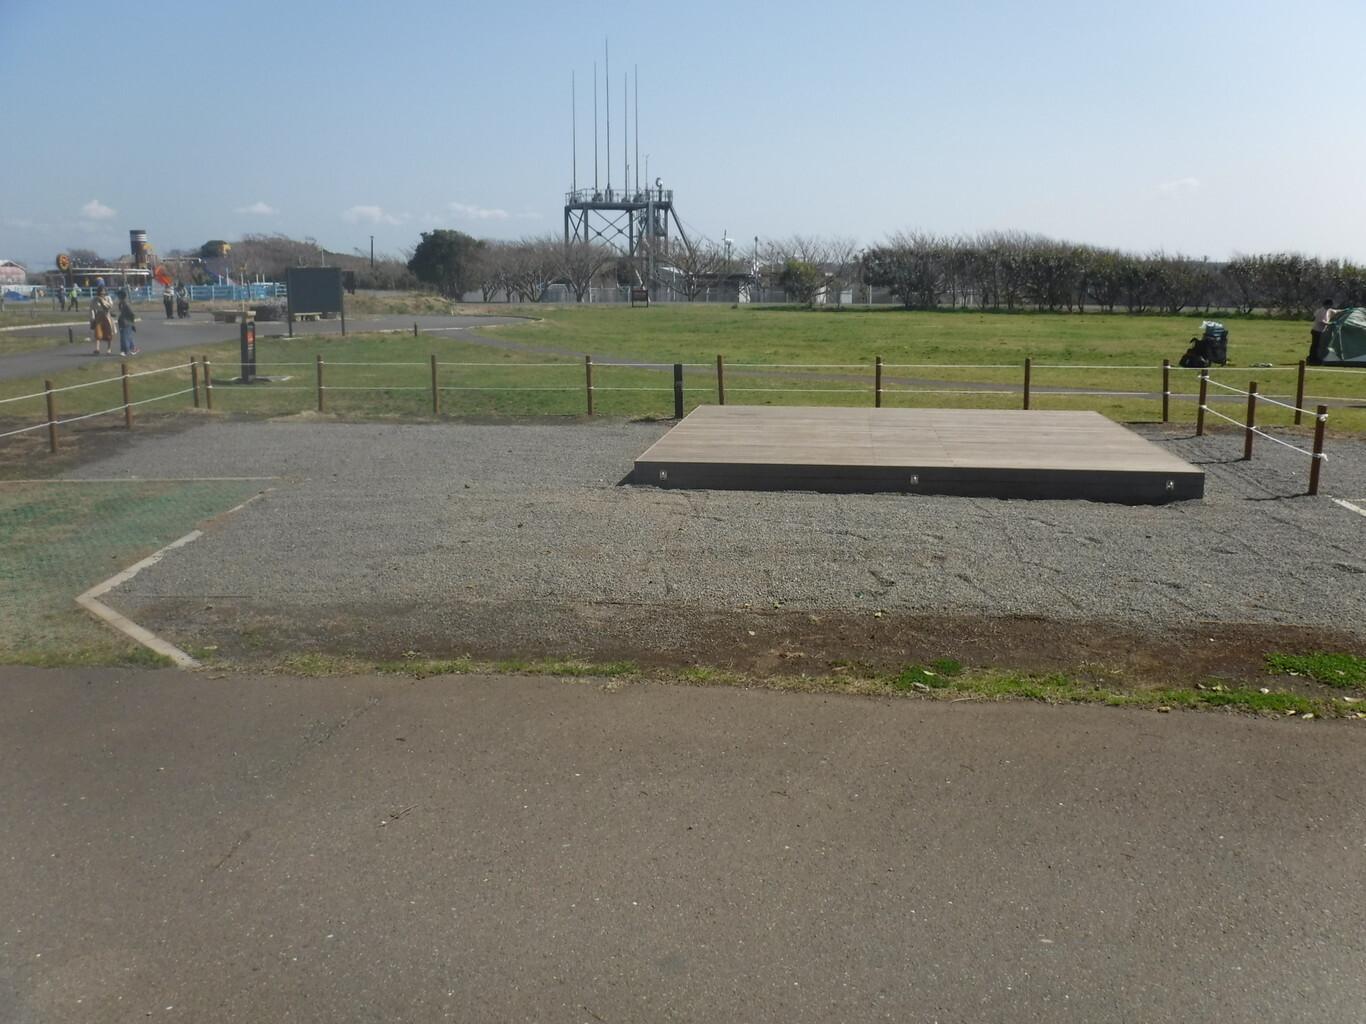 長井海の手公園 ソレイユの丘 の公式写真c11732